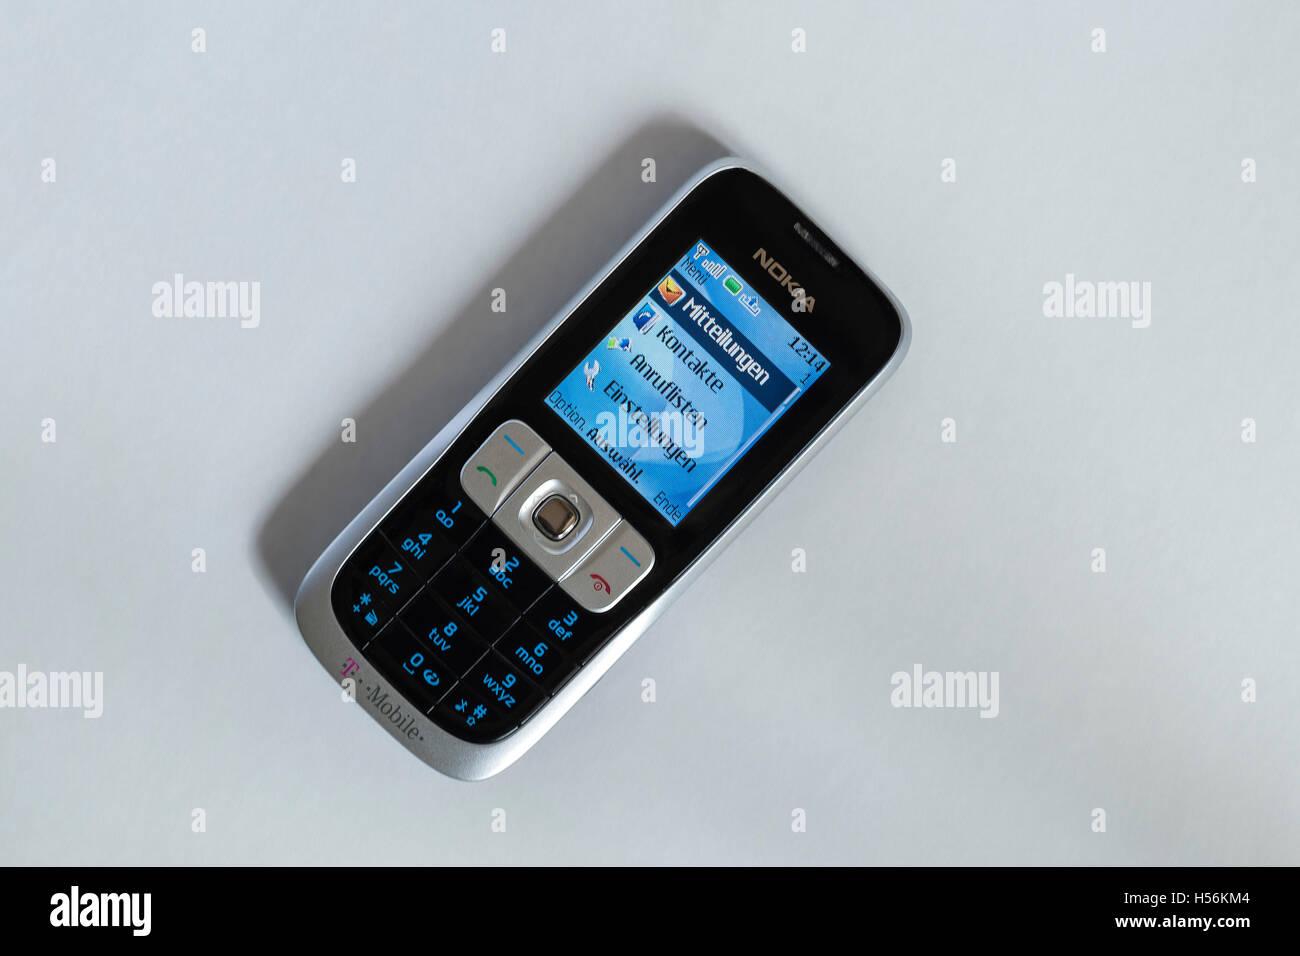 Téléphone mobile Nokia désuètes, Allemagne Photo Stock